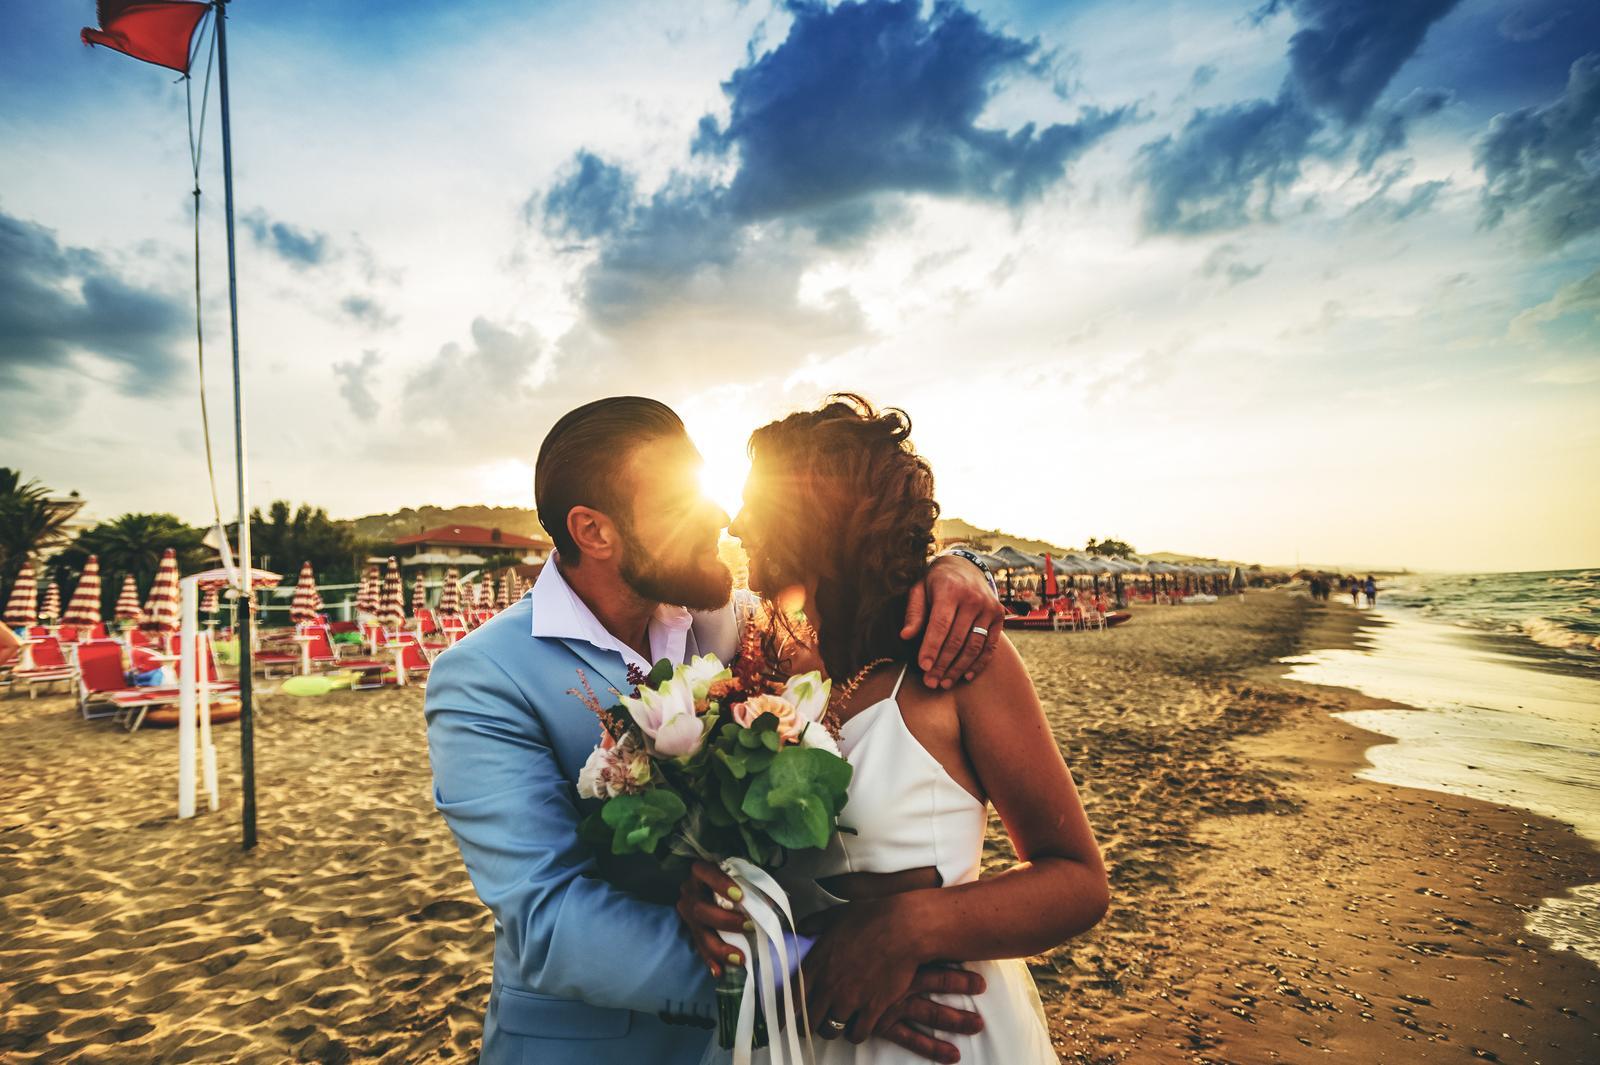 Svatby roku 2019 - Obrázek č. 7